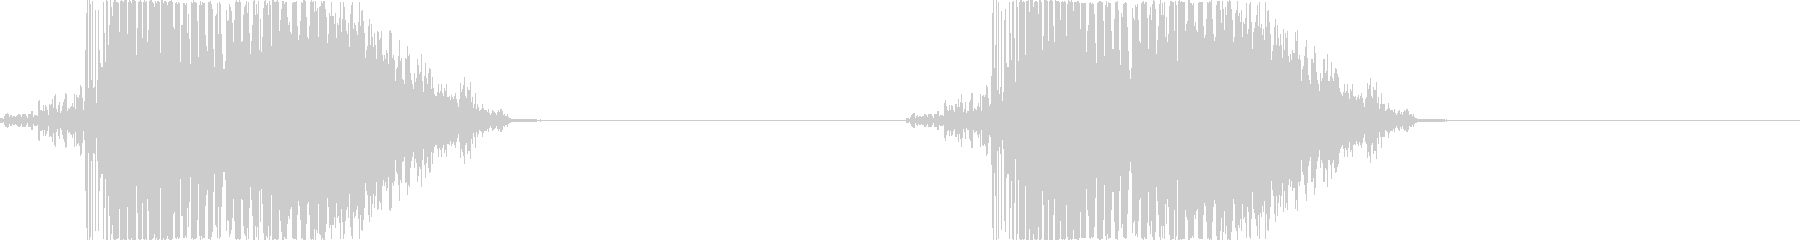 攻撃-1 打撃音 パンチ キックの未再生の波形